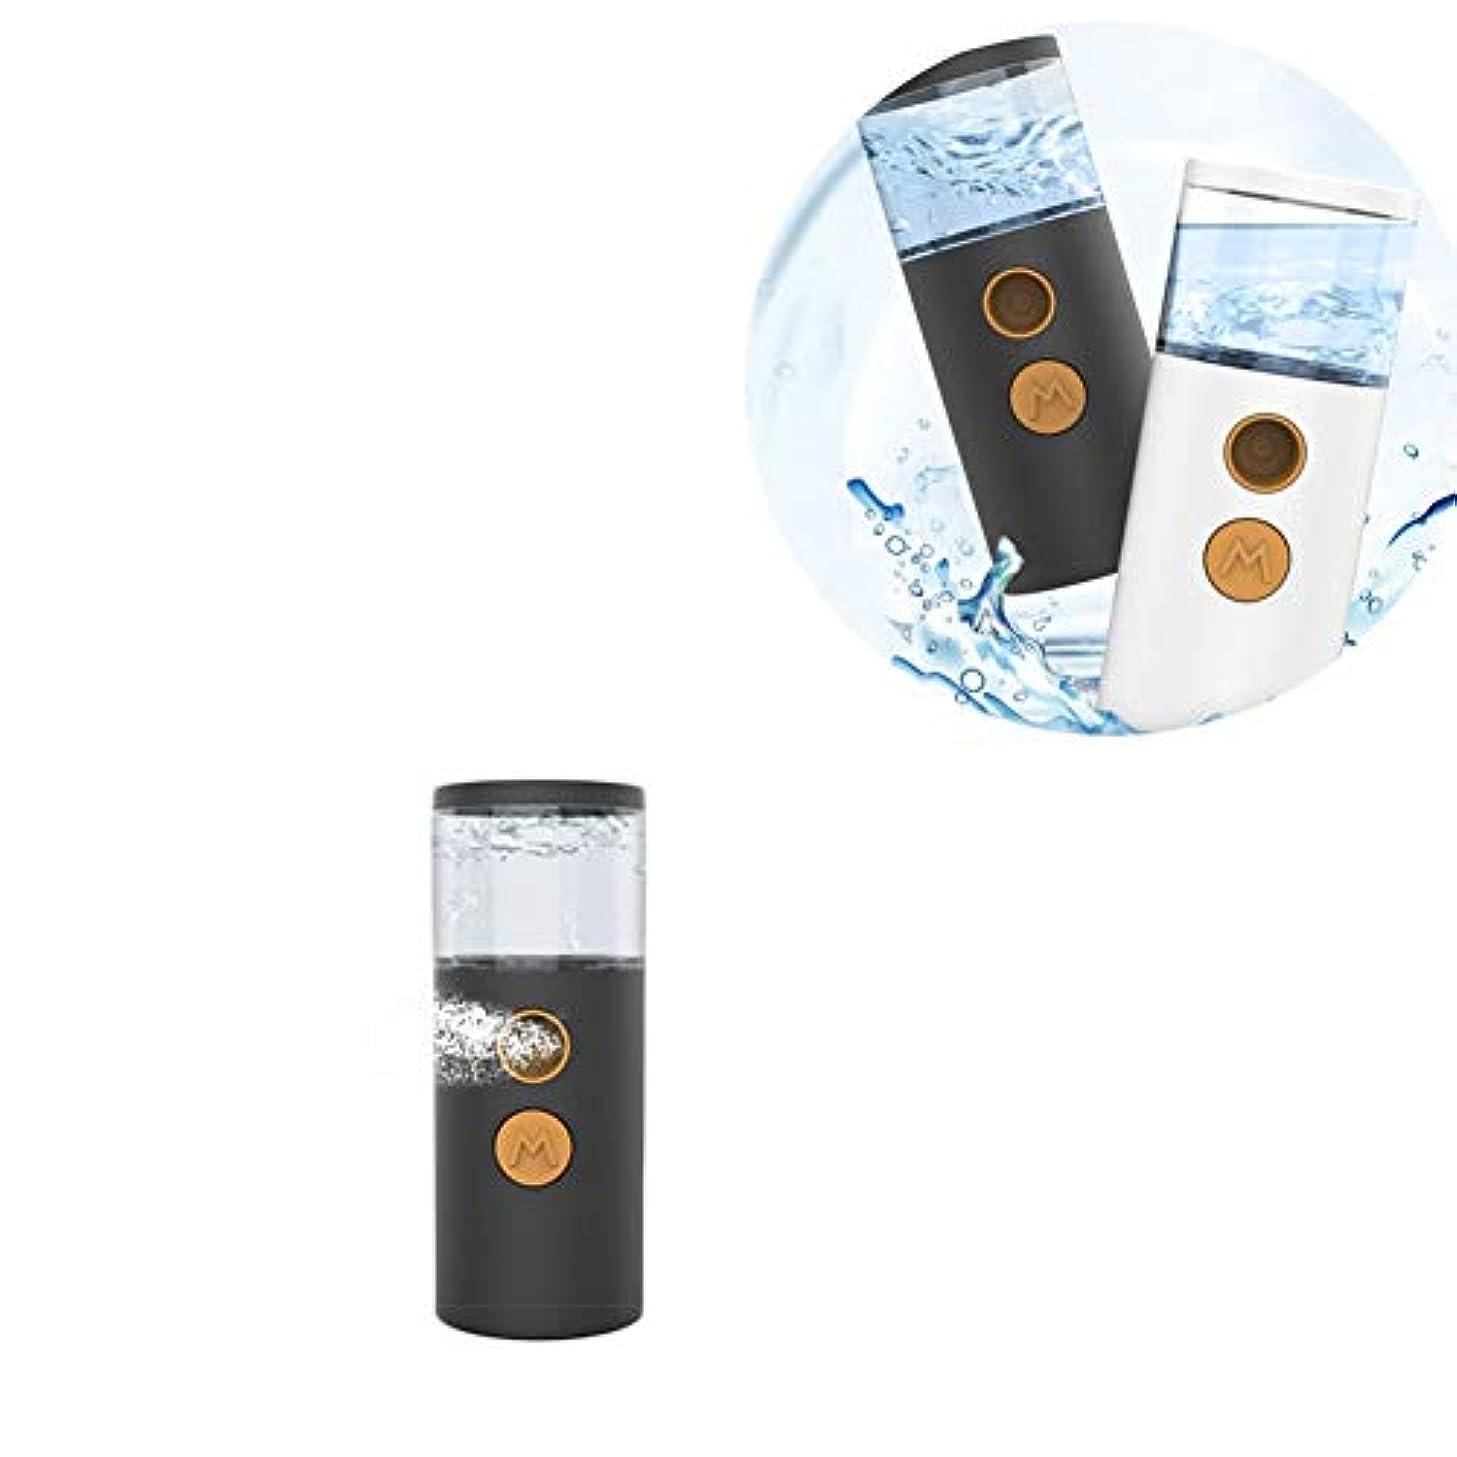 パッケージスキー再生フェイシャルスチーム 補水美顔器 旅行 オフィス 乾燥肌対策 脂性肌  スキンケア コールドフォグ ギフト ABS (Color : White)